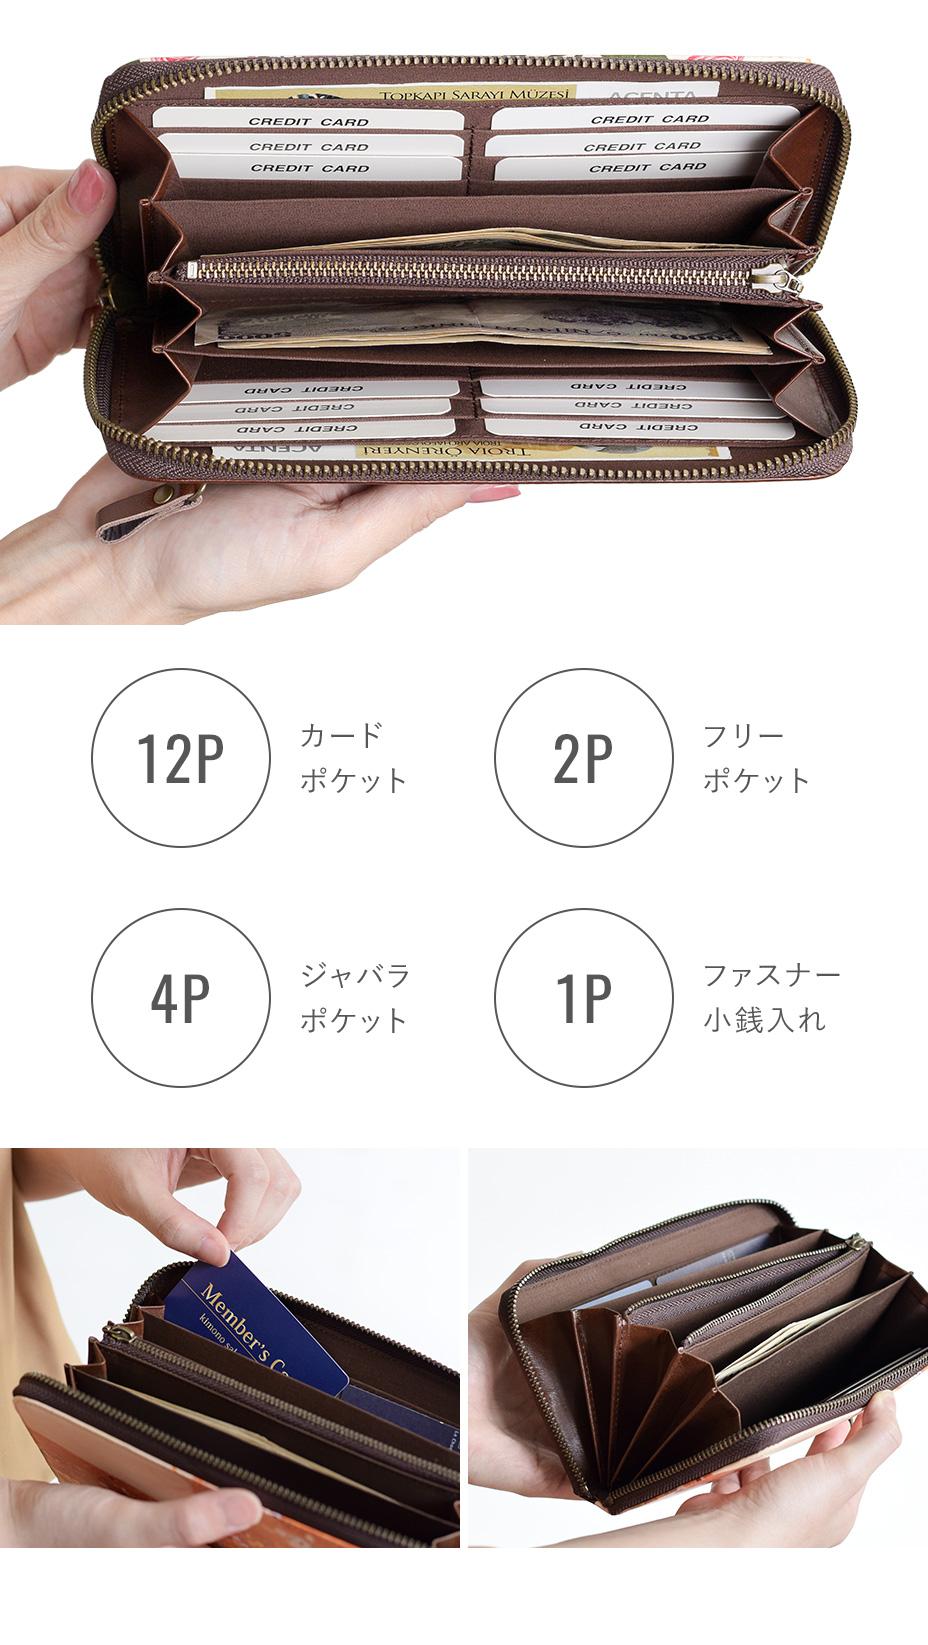 機能:カードポケット12P フリーポケット2P ジャバラポケット4P ファスナー小銭入れ1P